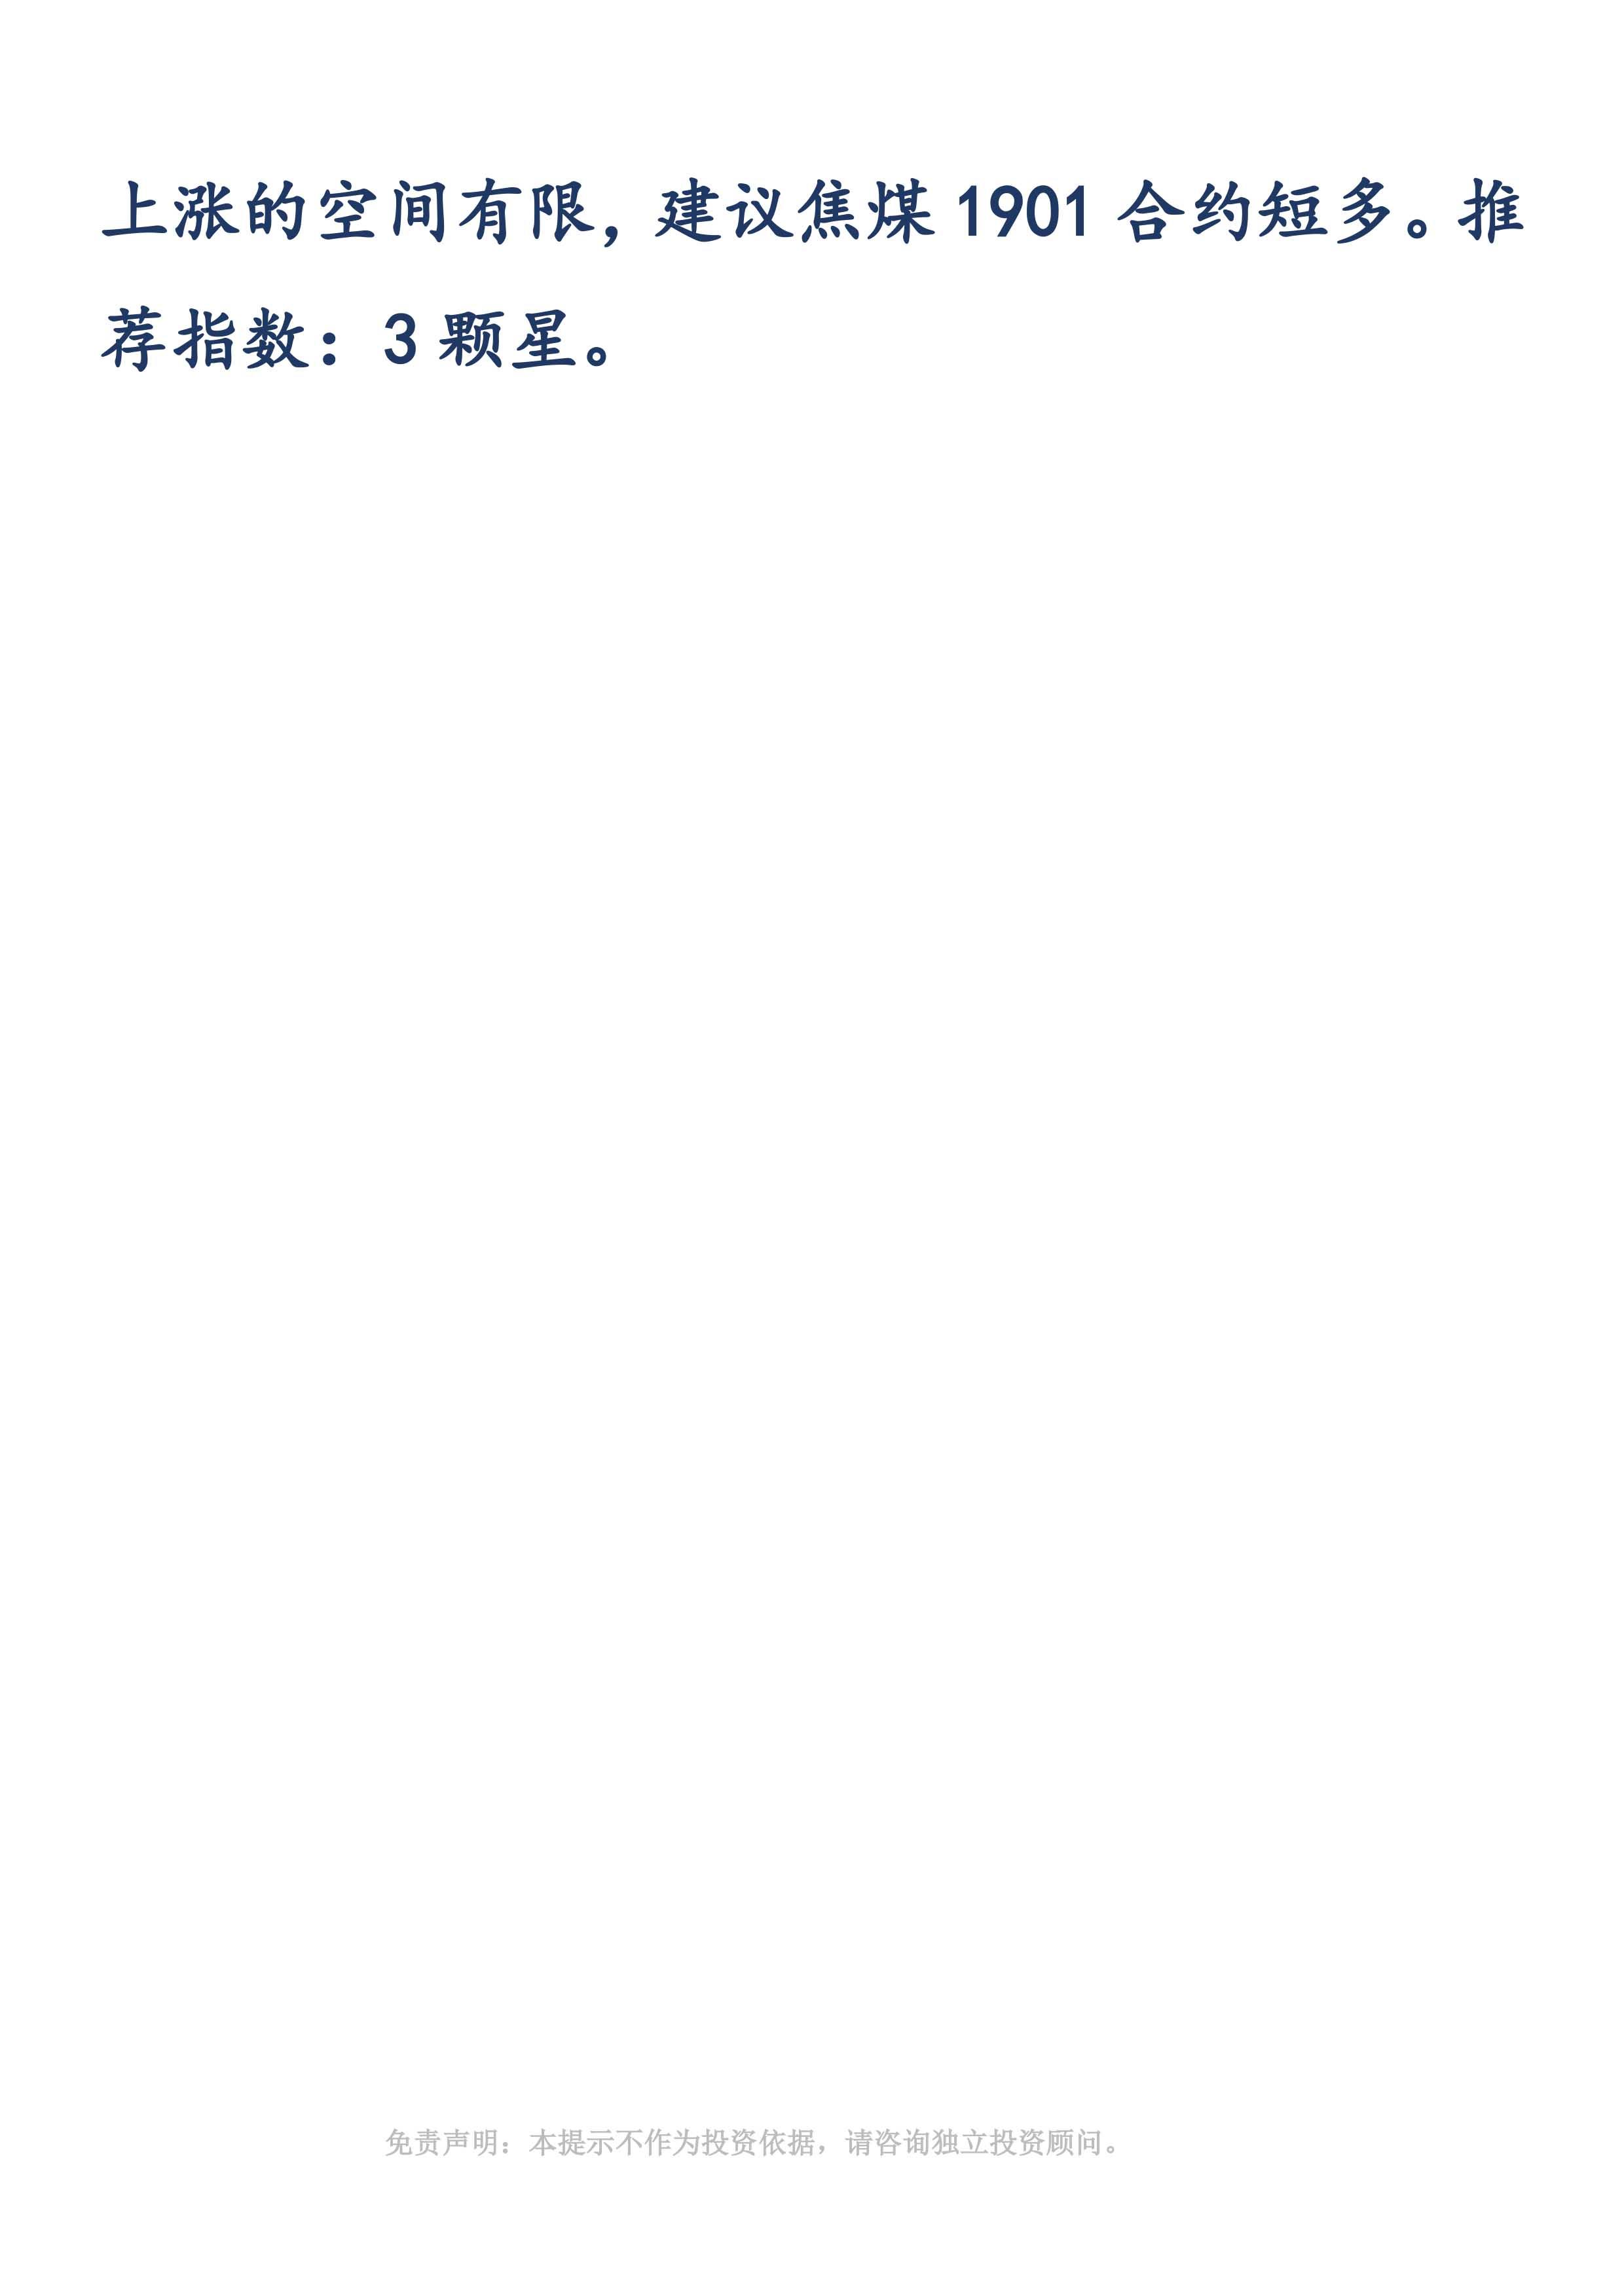 【易胜博金策略】-20181113-焦煤-2.jpg